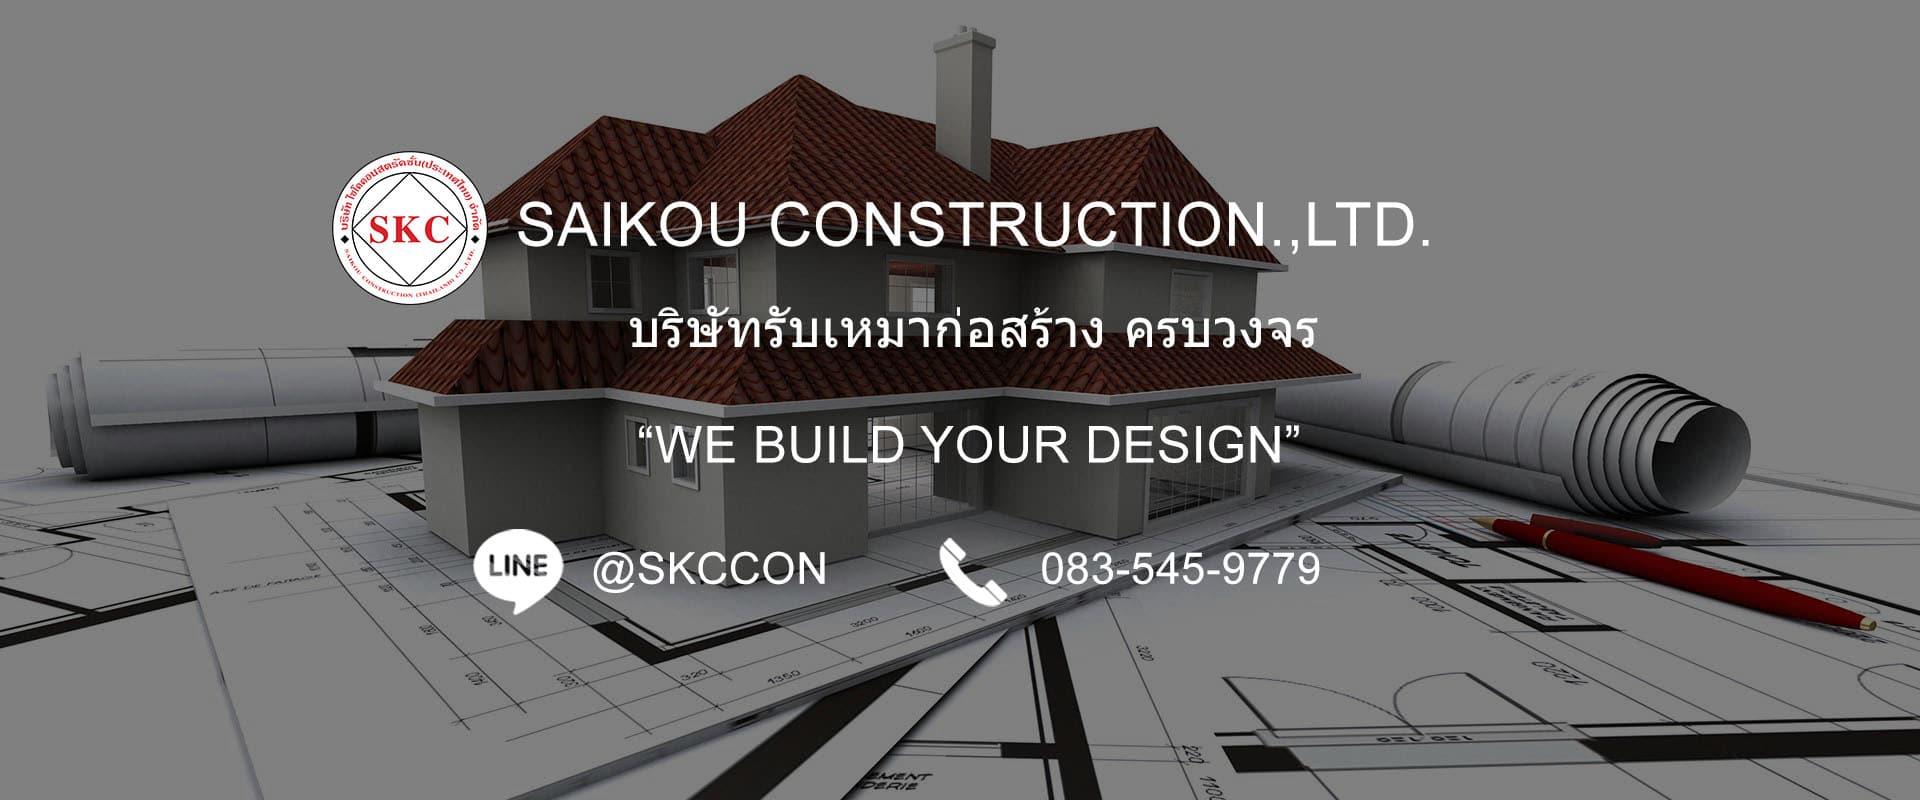 บริษัทรับเหมาก่อสร้าง Saikou Construction Co Ltd